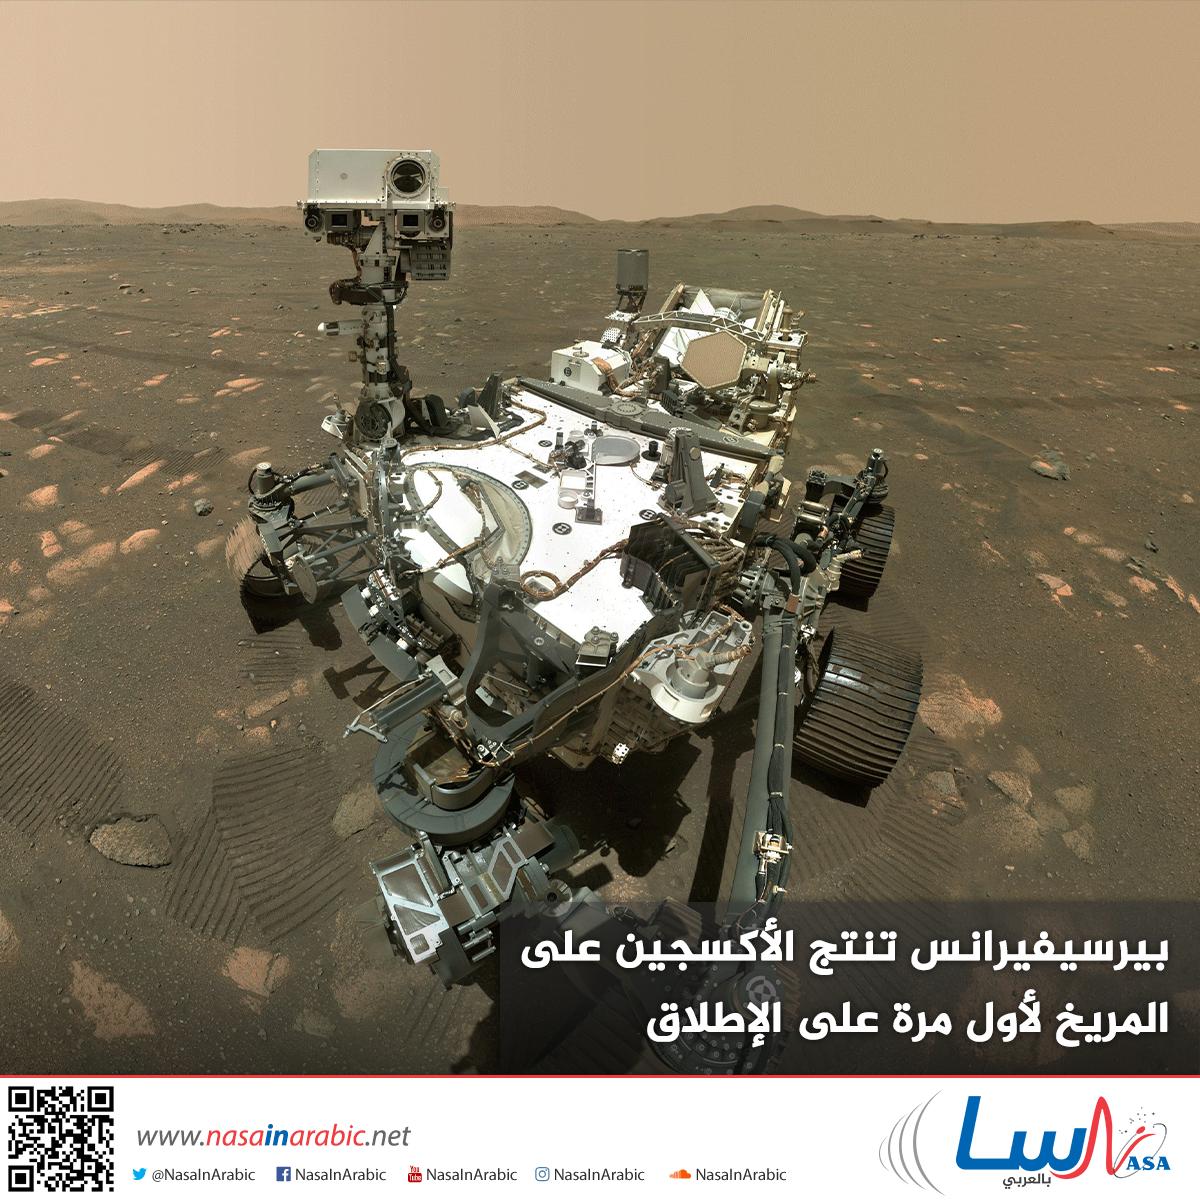 بيرسيفيرانس تنتج الأكسجين على المريخ لأول مرة على الإطلاق